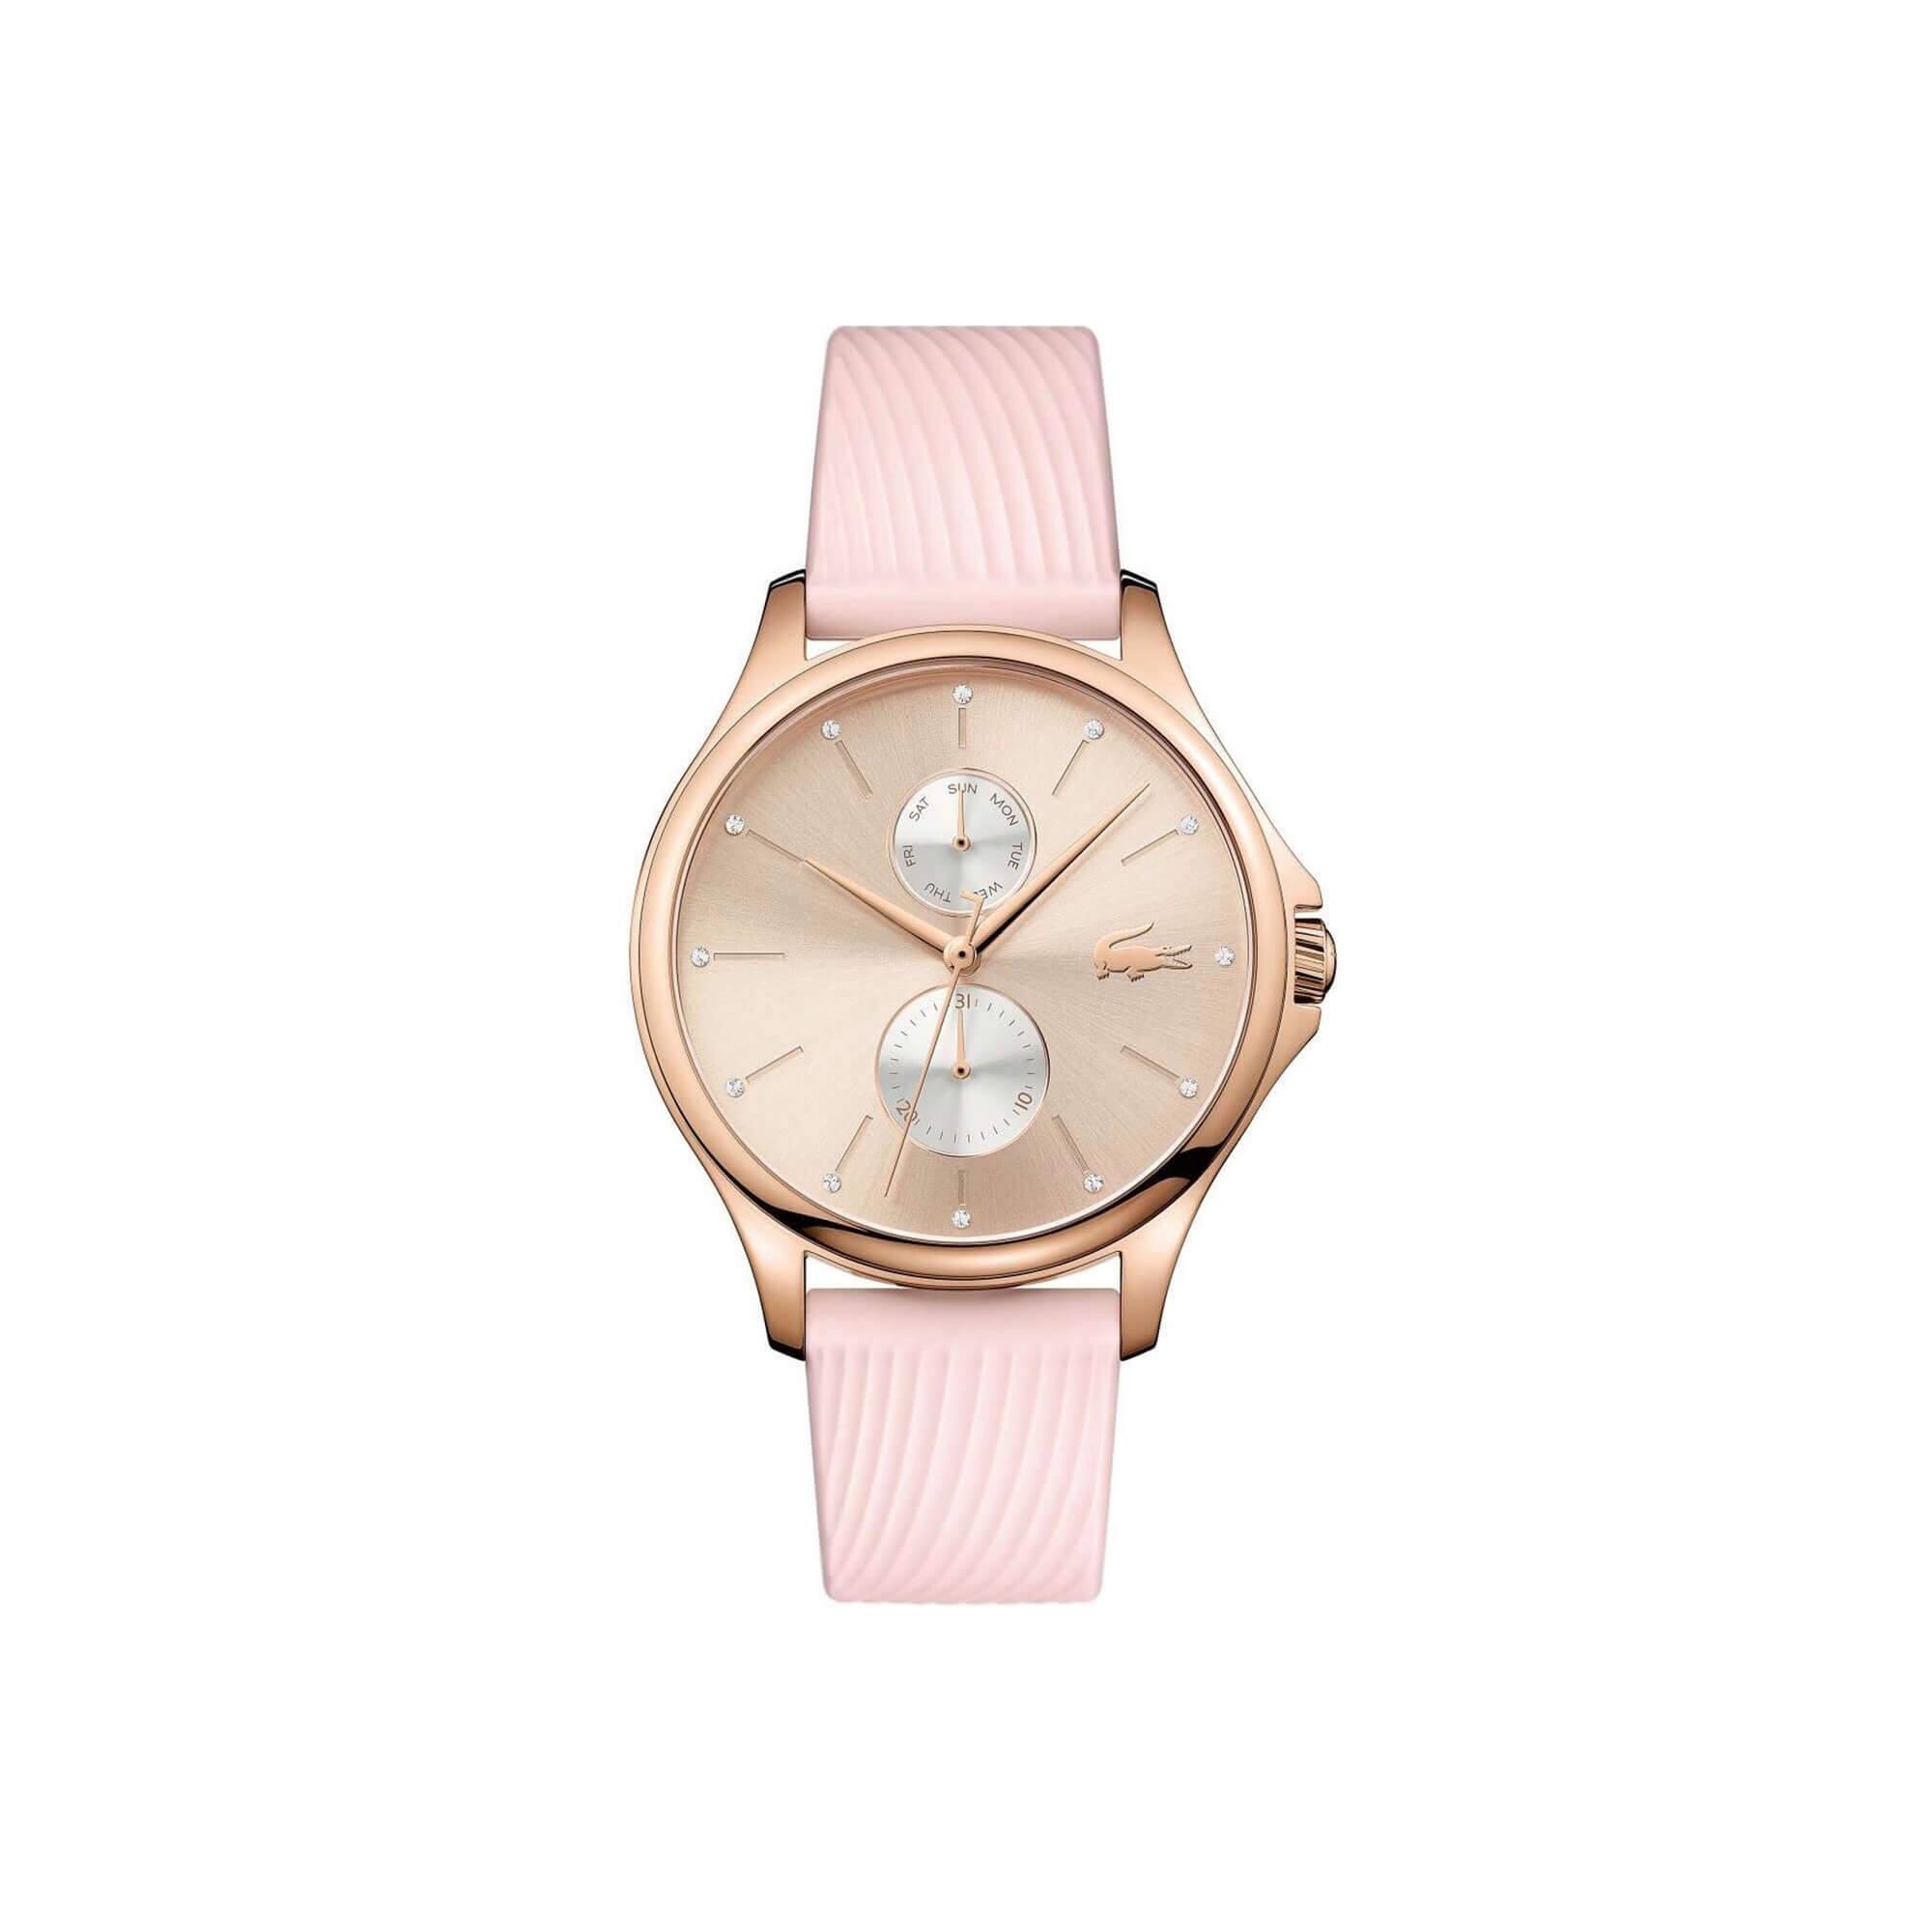 Relógio multifunções Kea de mulher com bracelete de silicone rosa